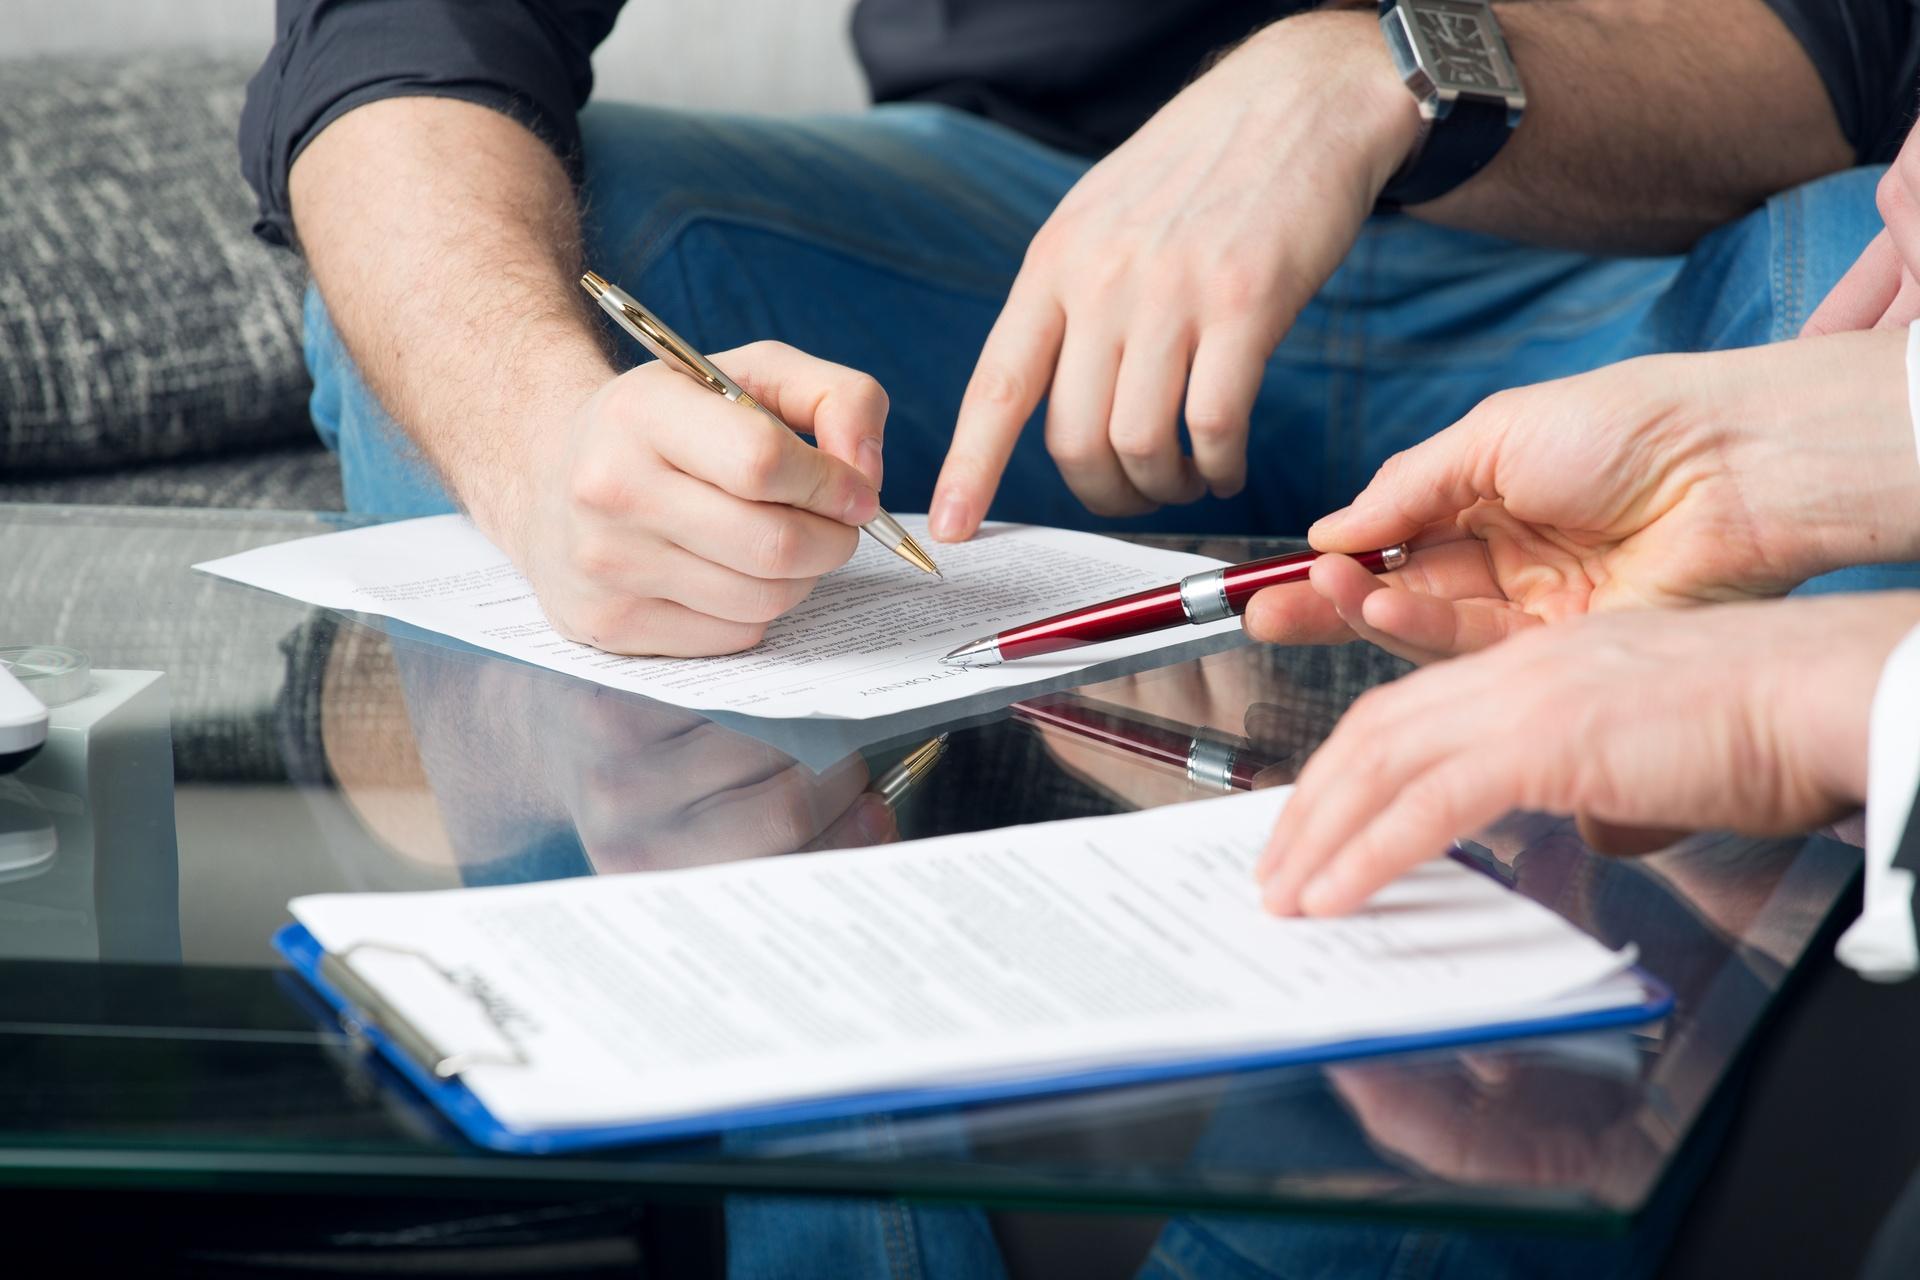 13 советов как уличить строительную компанию в мошенничестве. Личный опыт читательницы